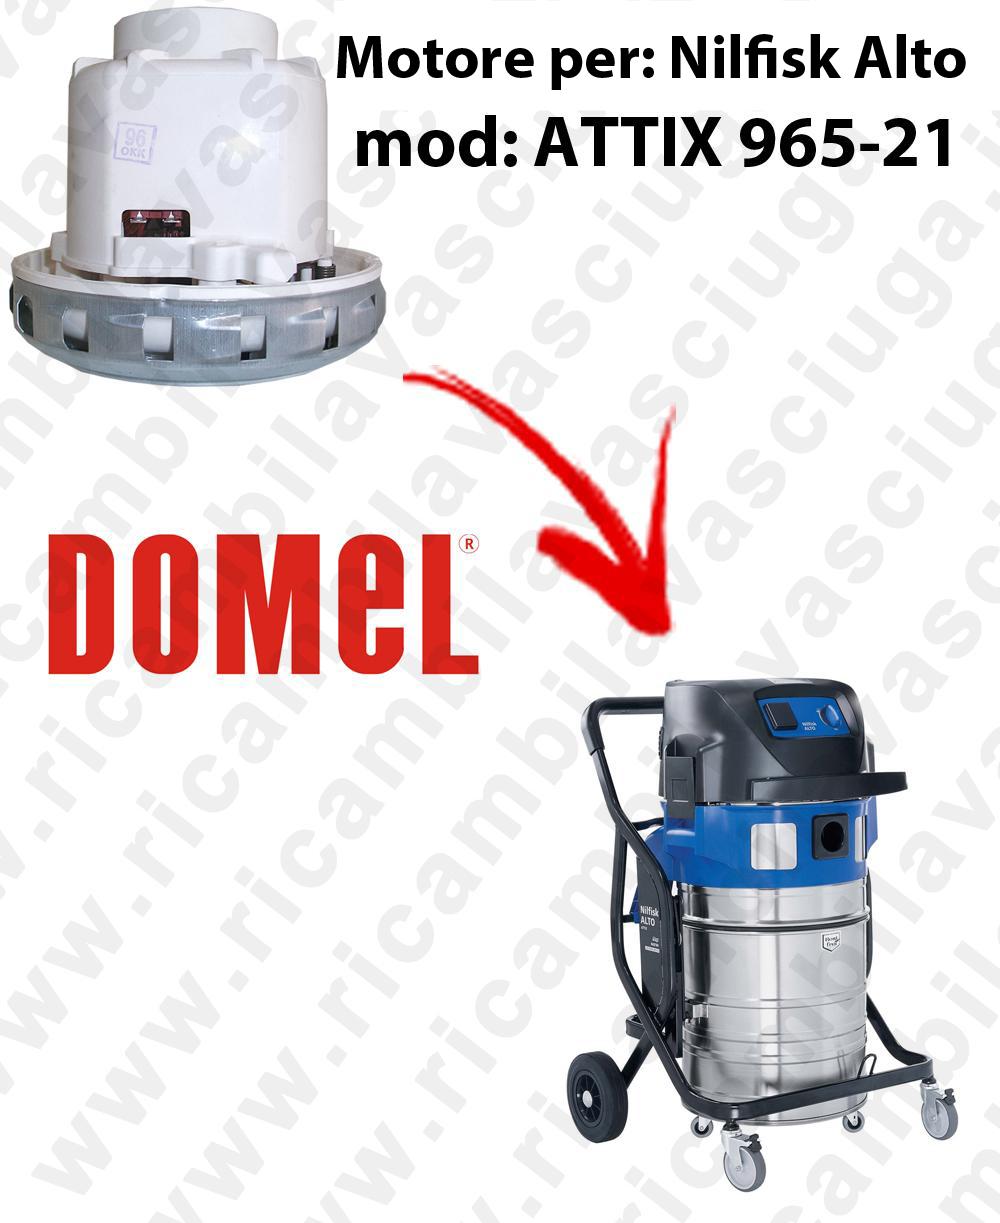 DOMEL VACUUM MOTOR for ATTIX 965-21 vacuum cleaner NILFISK ALTO